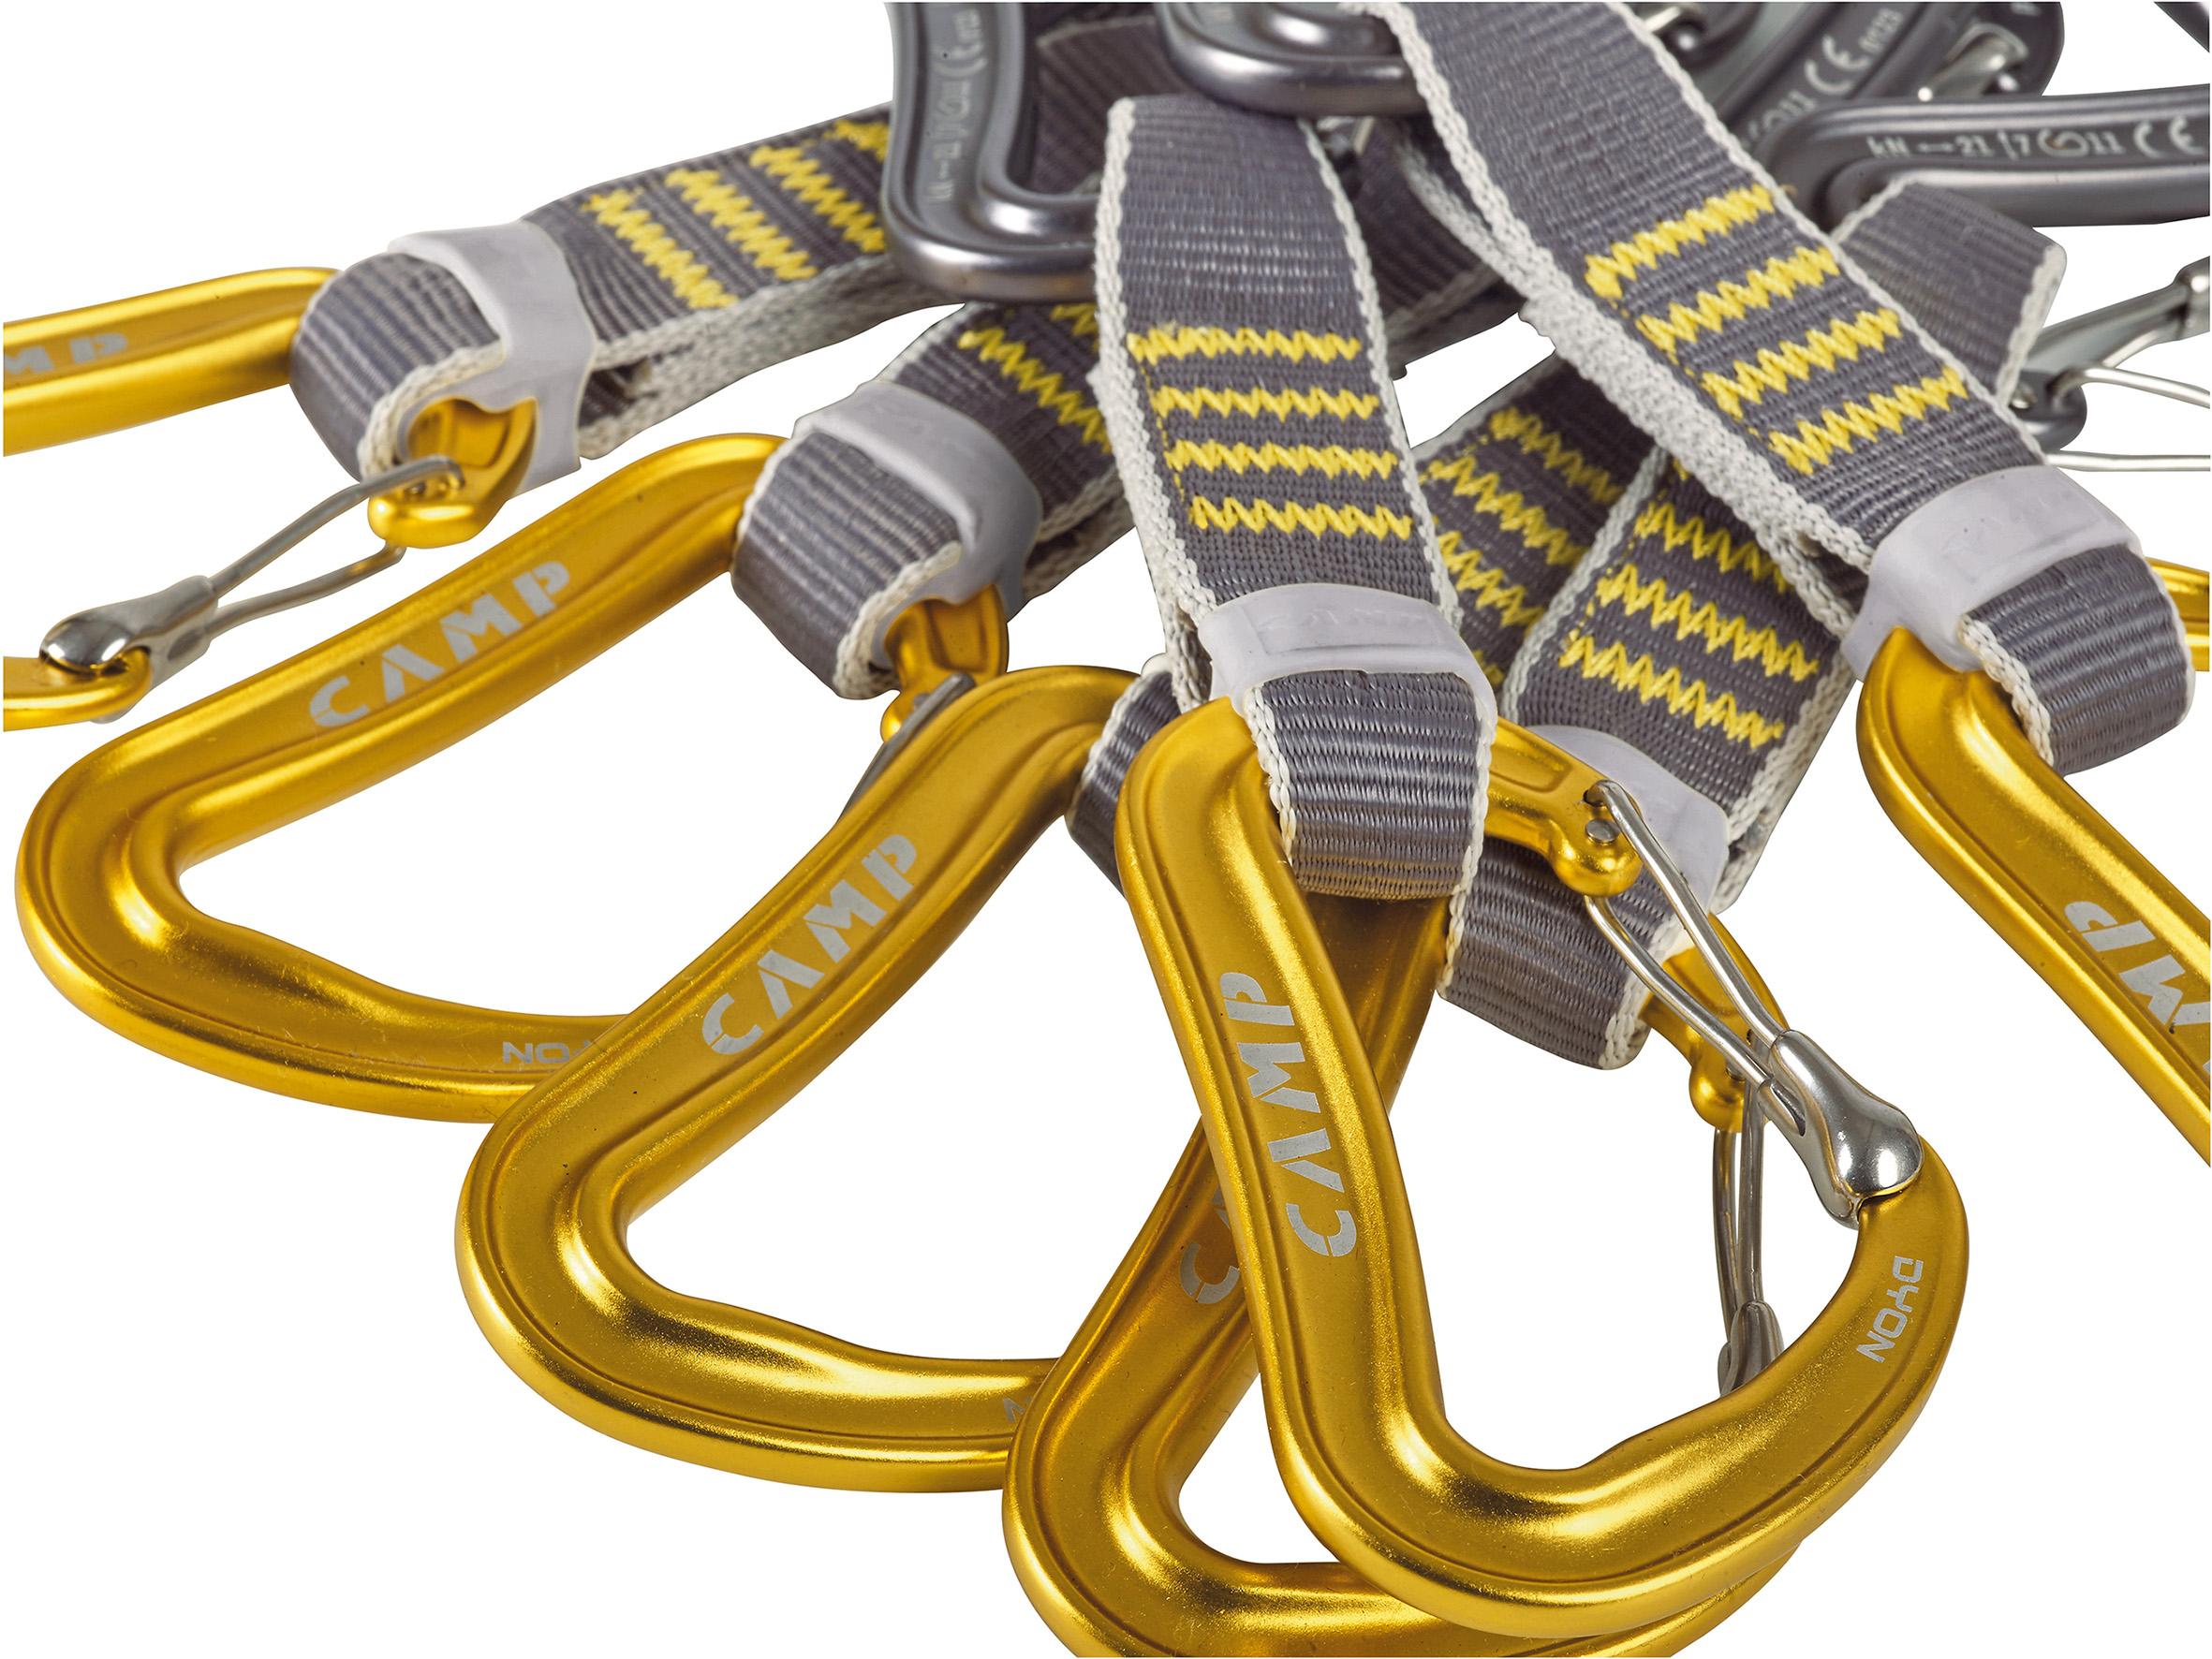 Sets of 6 pieces C.A.M.P. DYON EXPRESS KS 11 Premium Quickdraws by C.A.M.P.